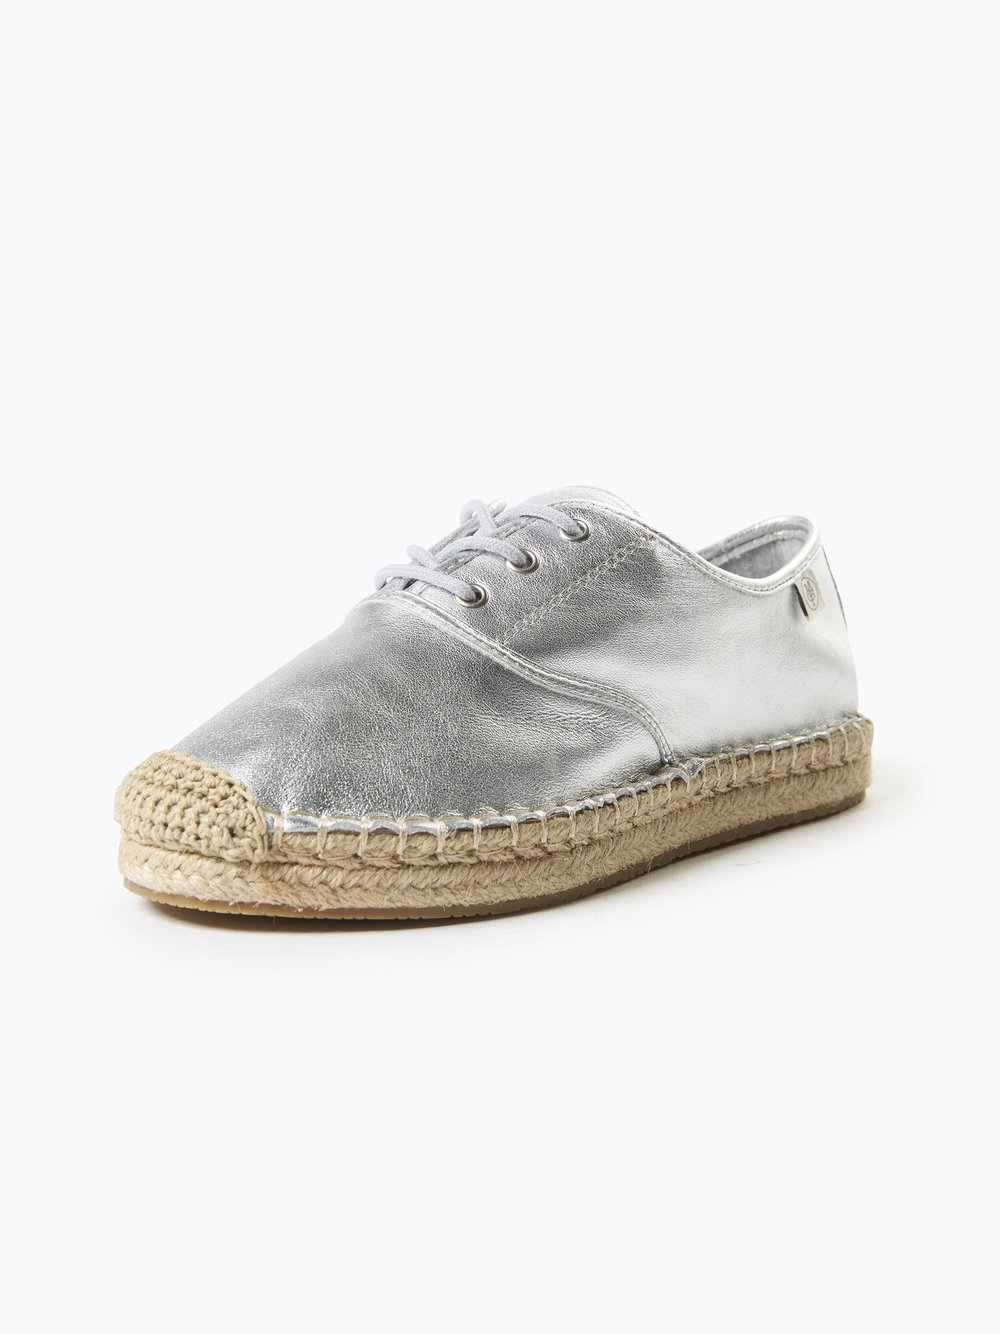 Marc O Polo Damen Sneaker aus Leder online kaufen   VANGRAAF.COM af6bb052b8